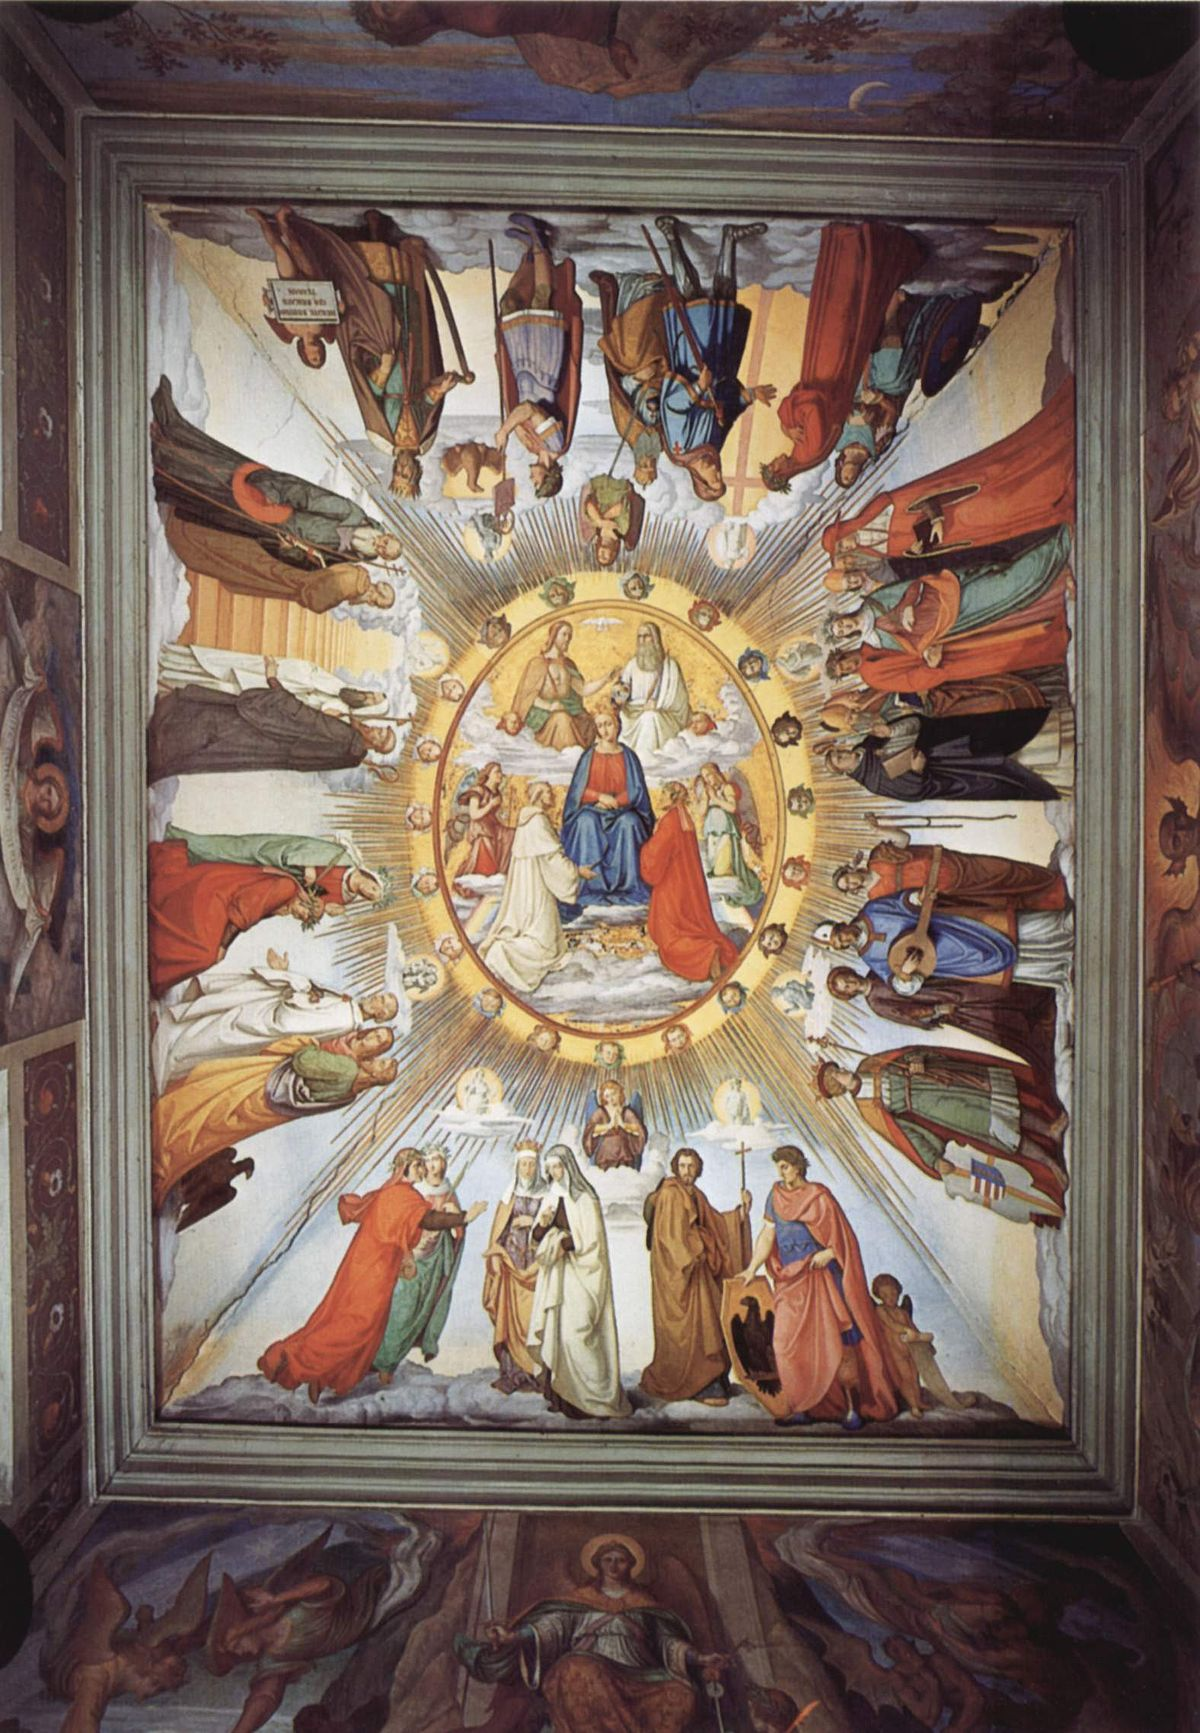 Cielos del para so wikipedia la enciclopedia libre for La camera del cielo